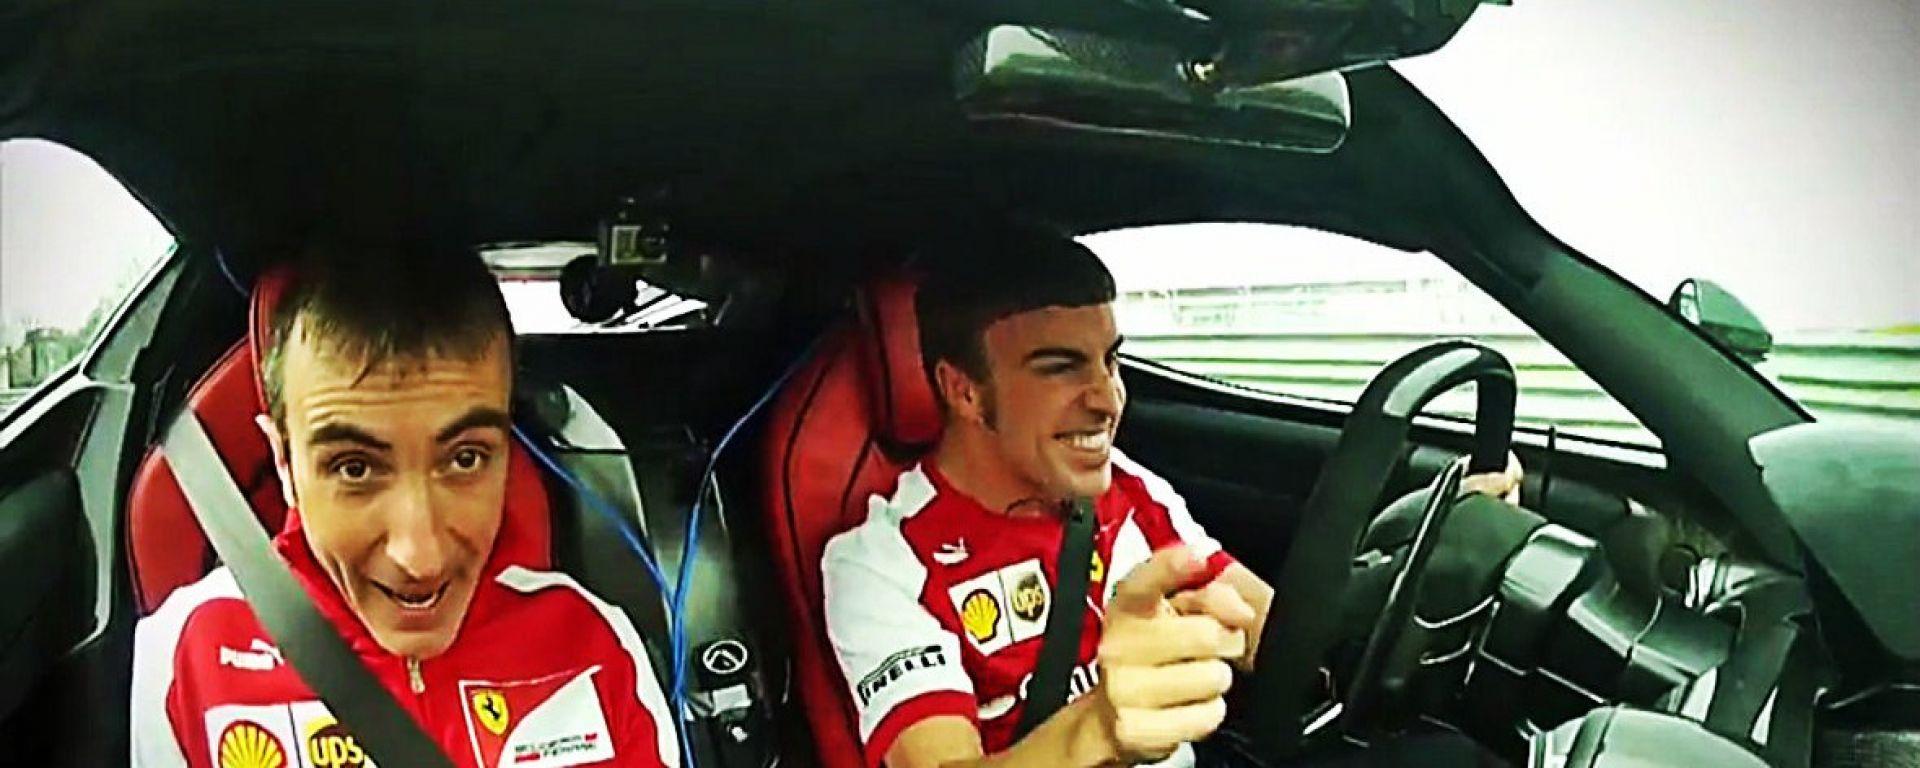 Alonso testa LaFerrari... piano piano